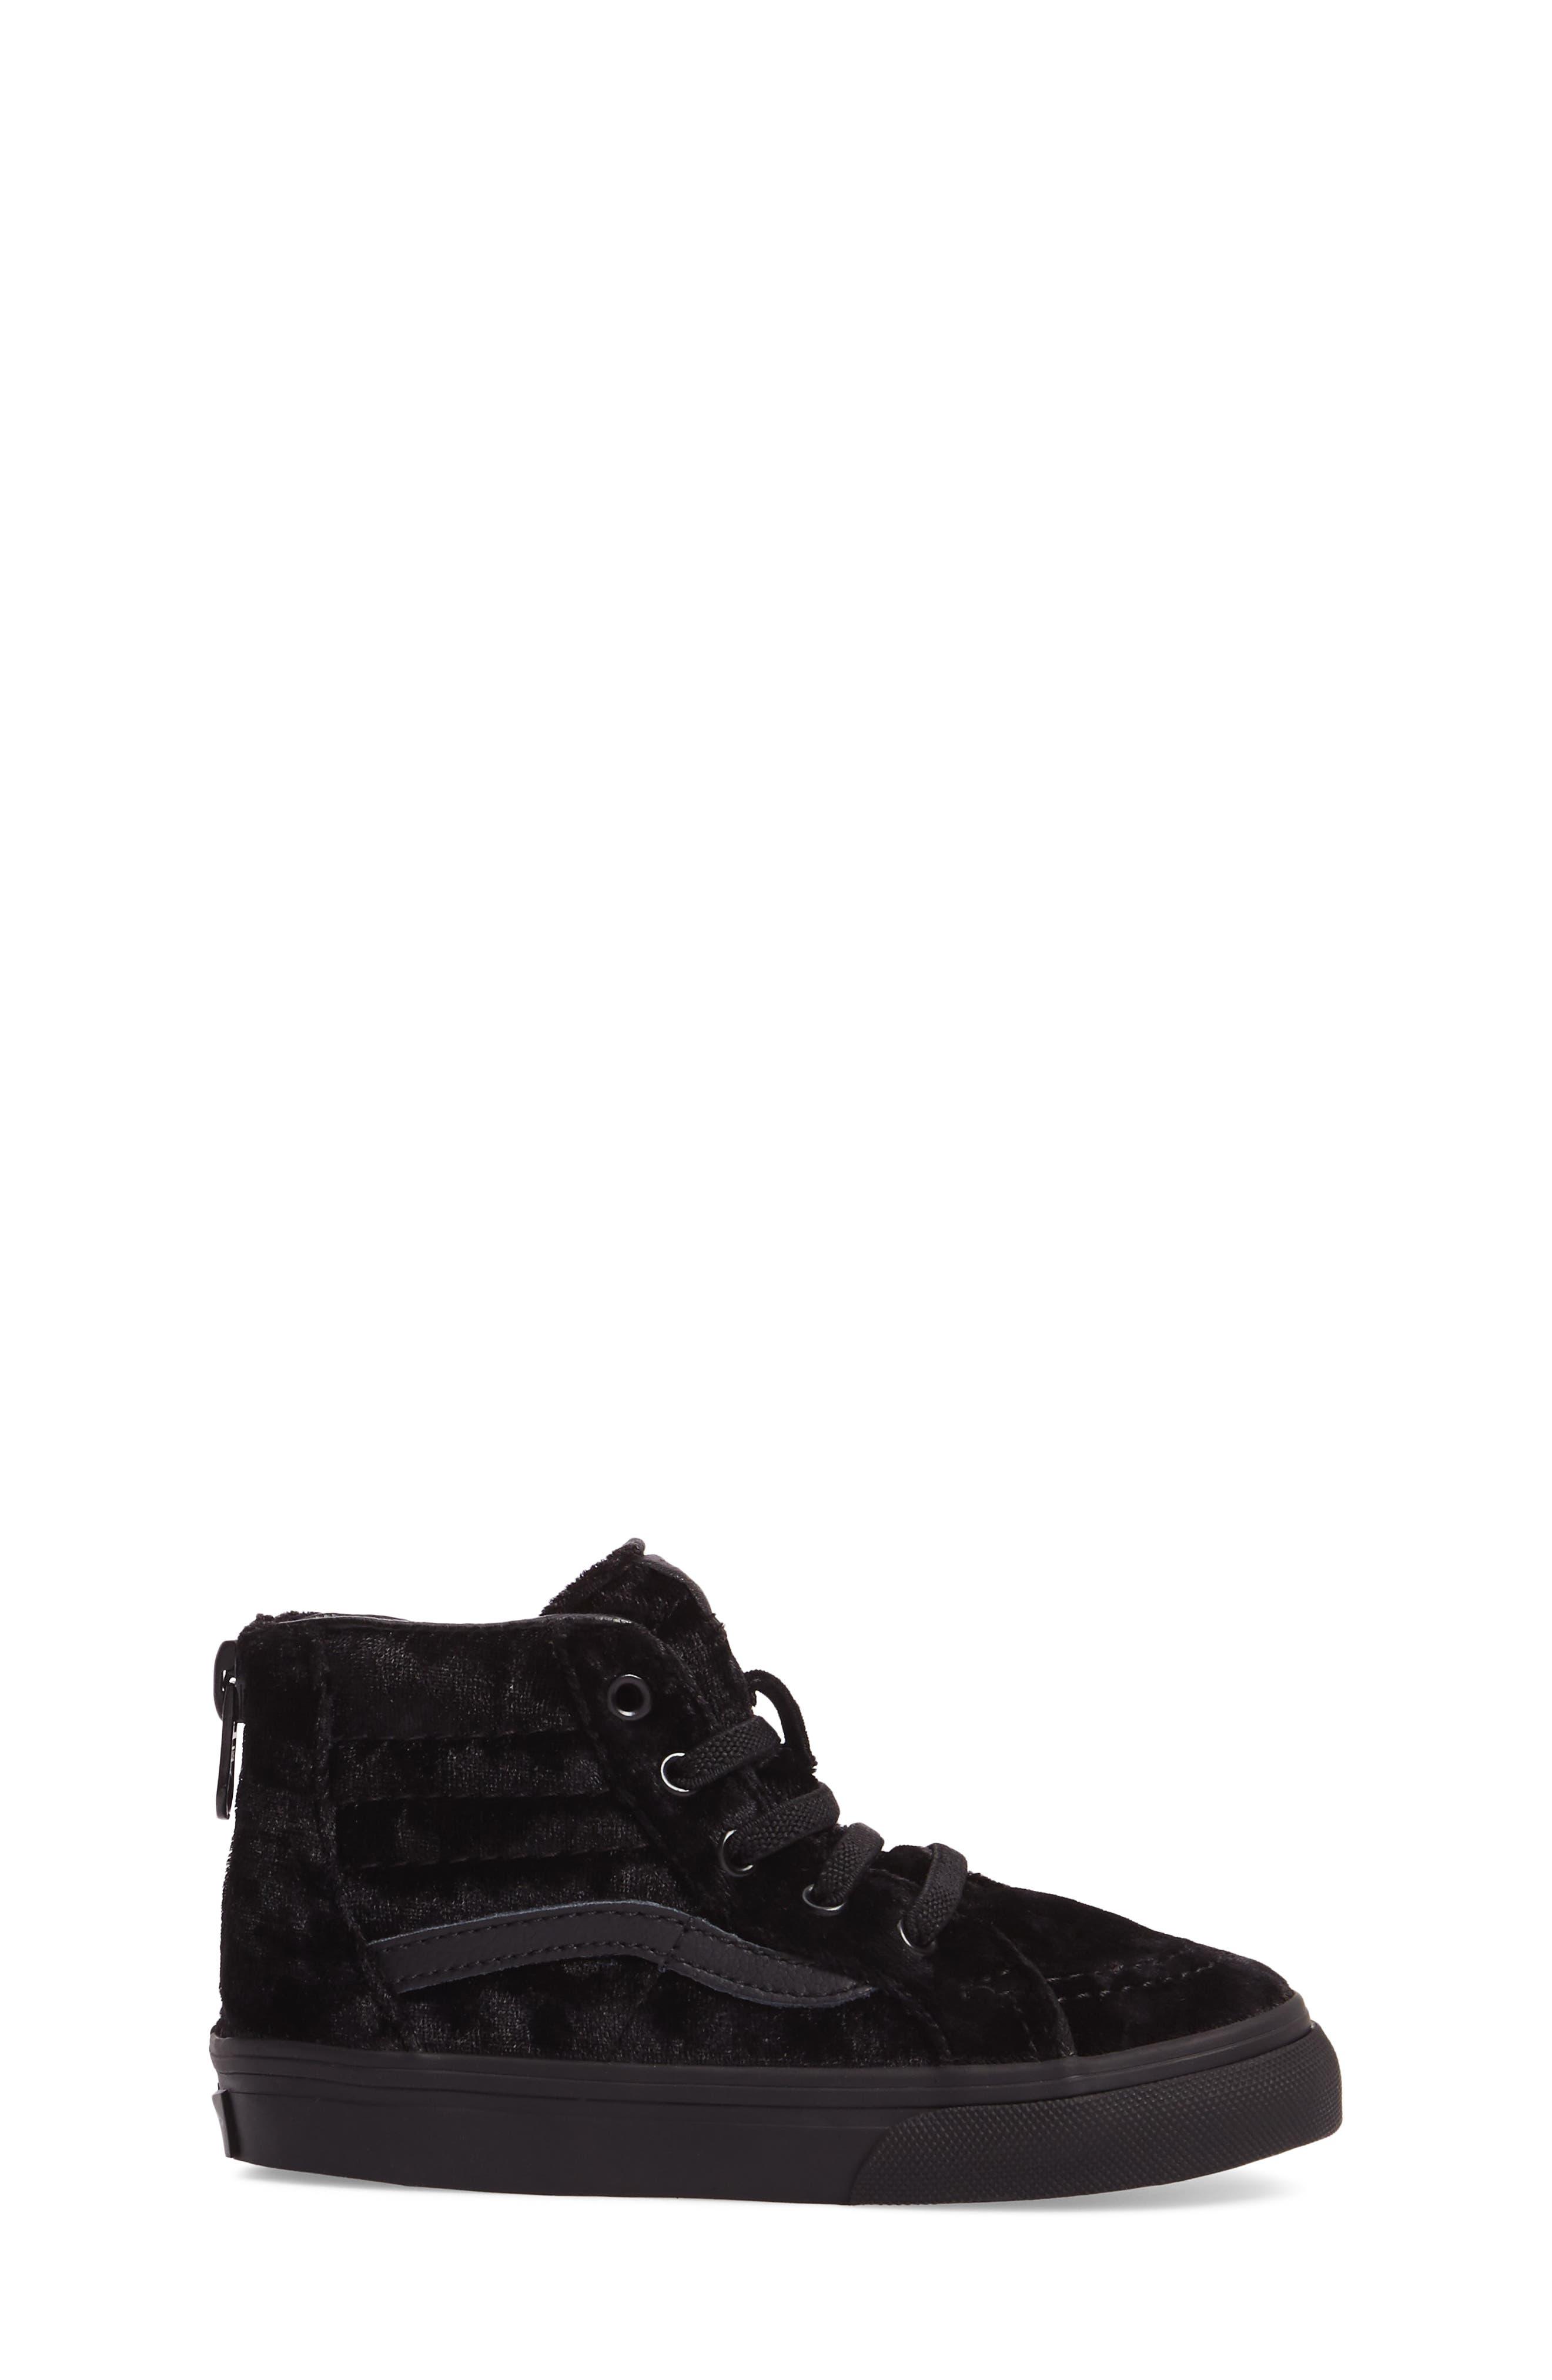 SK8-Hi Zip Sneaker,                             Alternate thumbnail 3, color,                             001